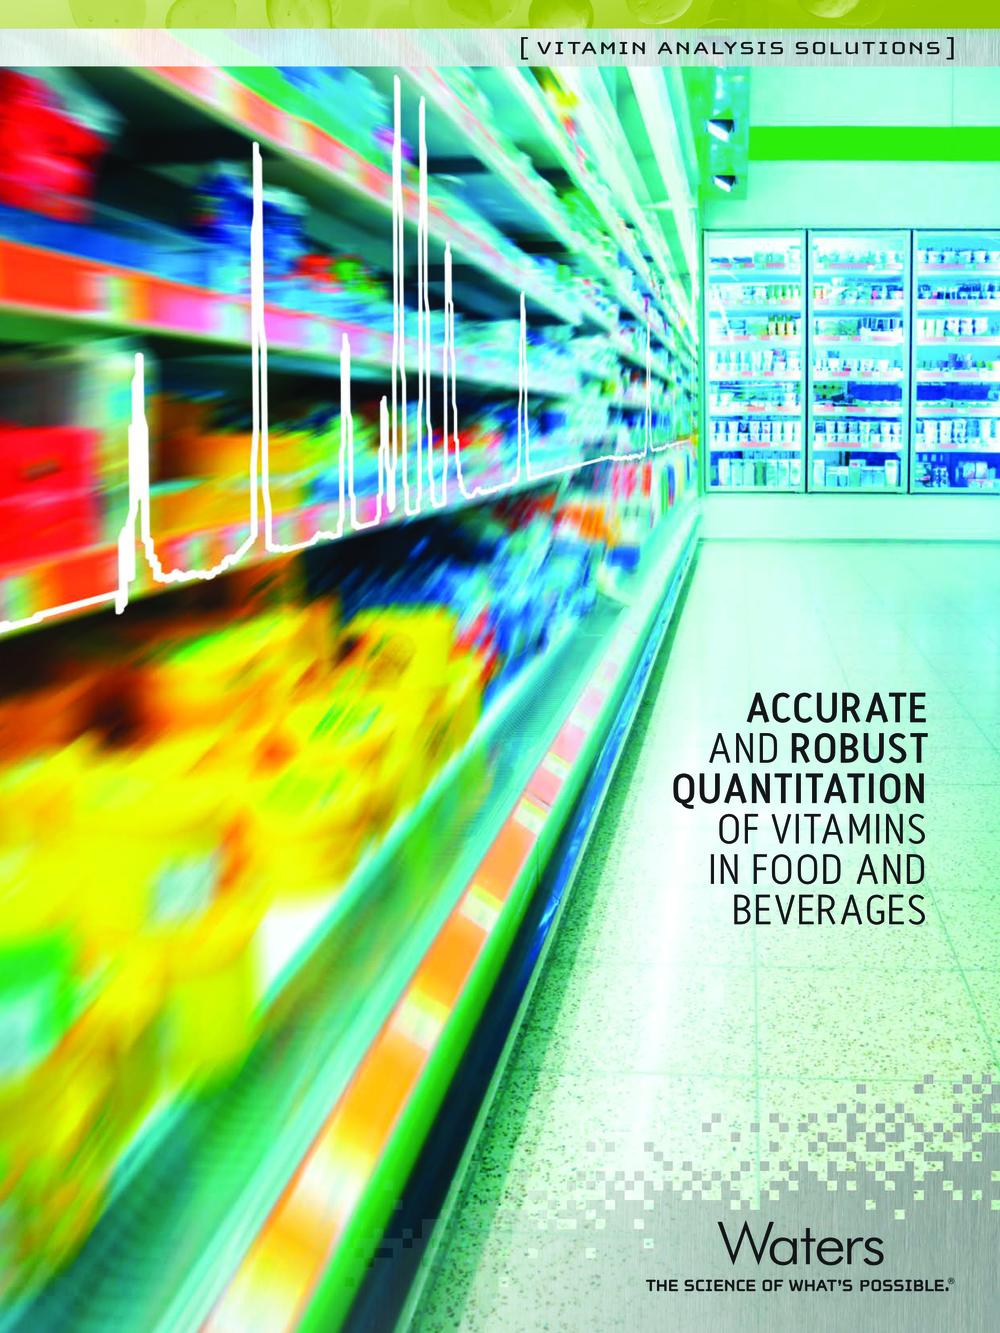 Waters_VitaminAnalysis_brochure.jpg